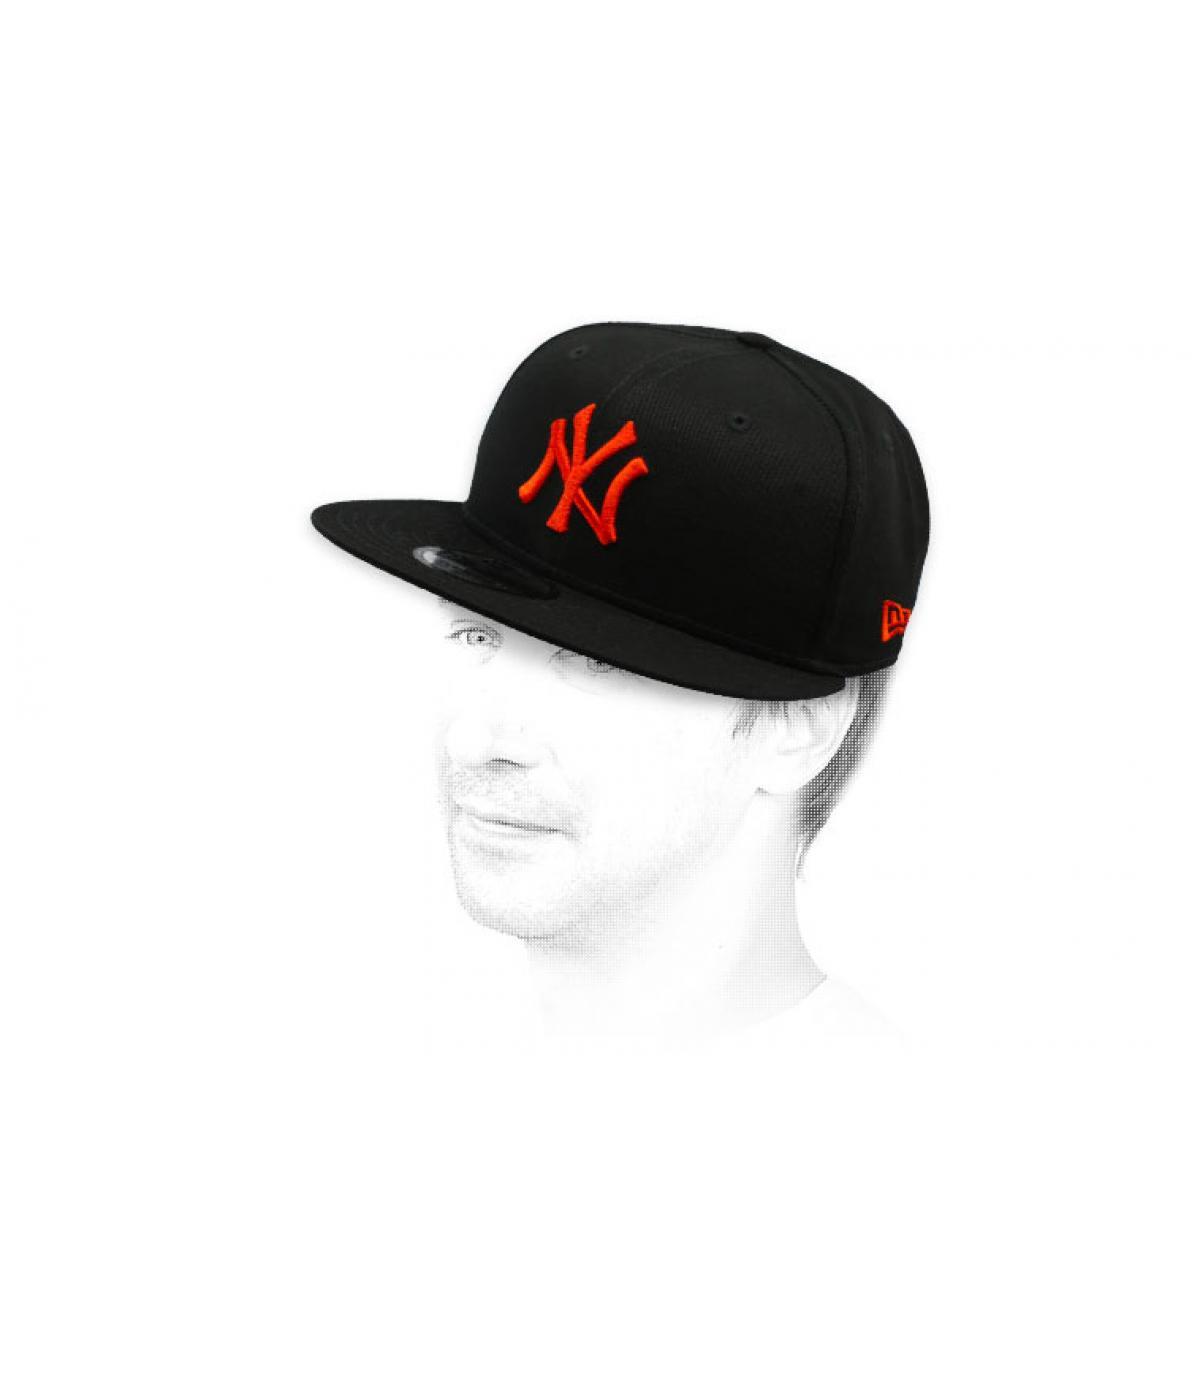 gorra snapback NY negro rojo